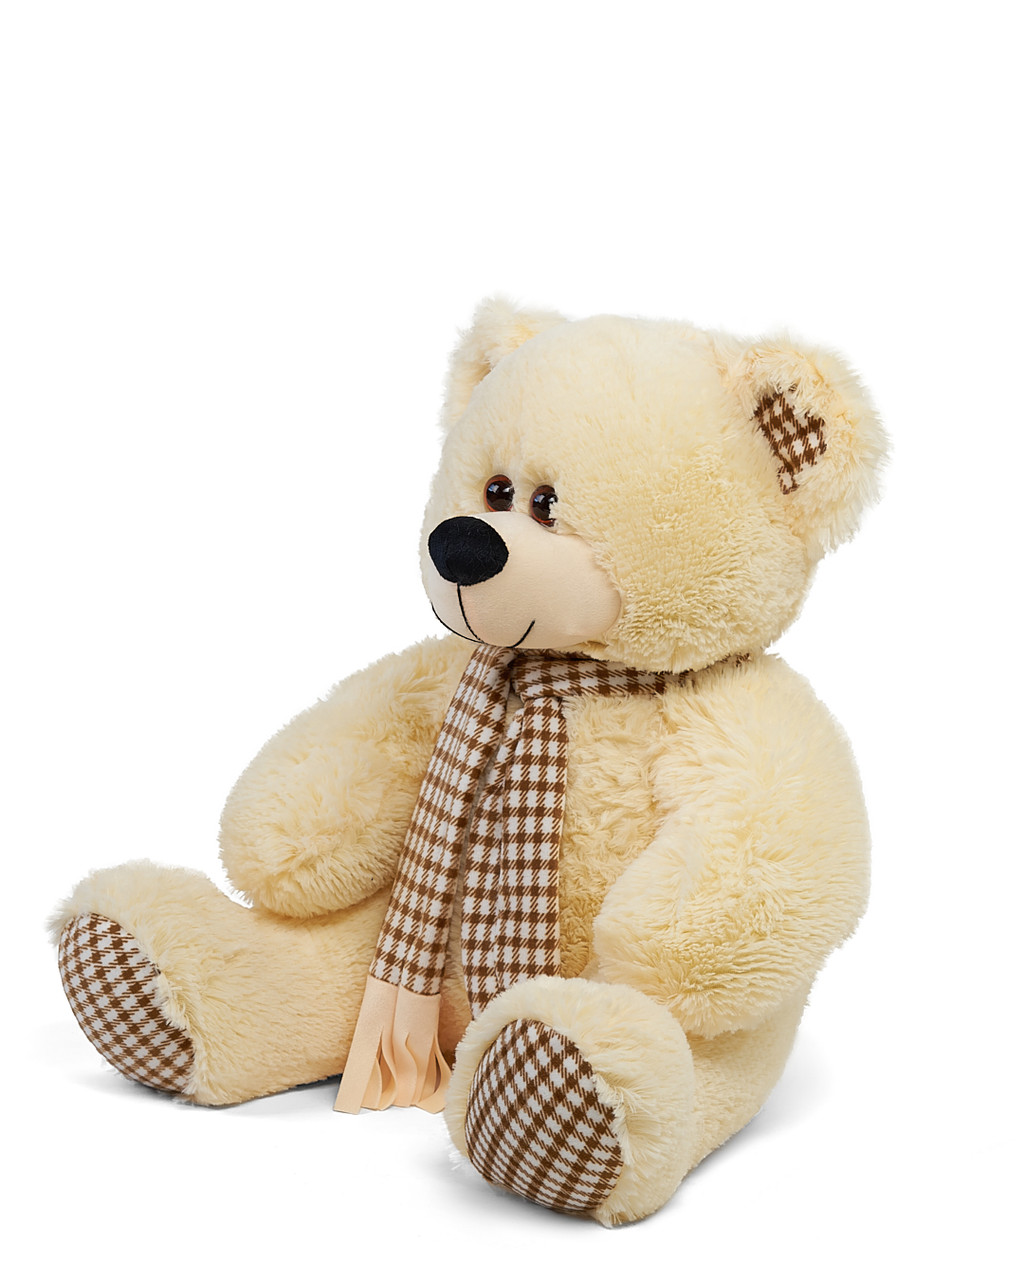 Плюшевый мишка Сеня с шарфом 180 см цвет персиковый   Плюшевый медведь   Мягкая игрушка от производителя